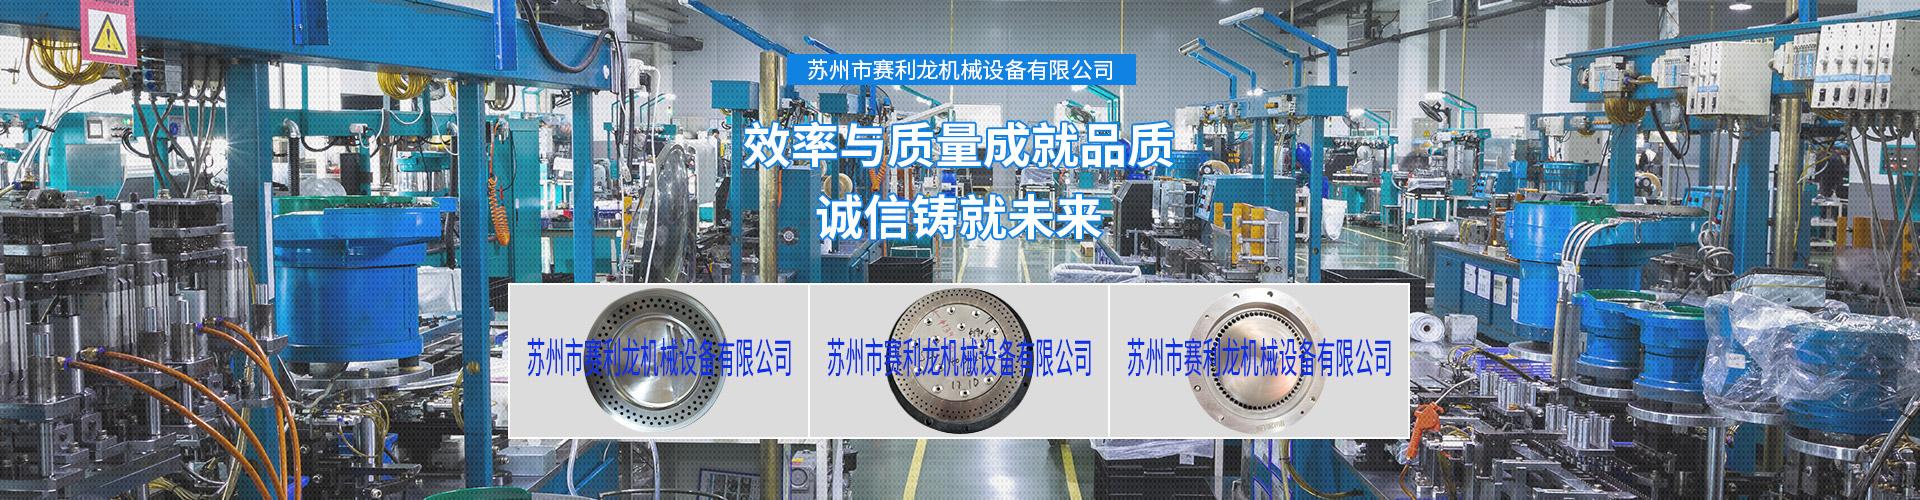 苏州市赛利龙机械设备有限公司